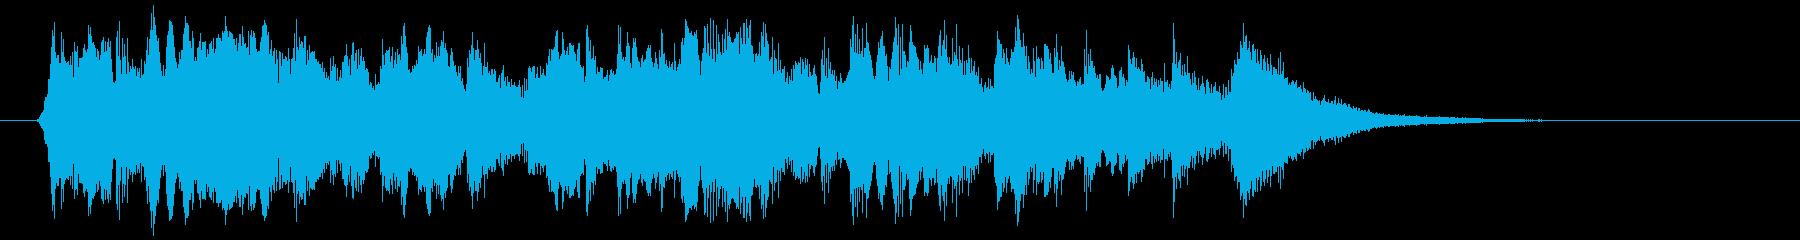 やさしいアコギが特徴のバラードのジングルの再生済みの波形